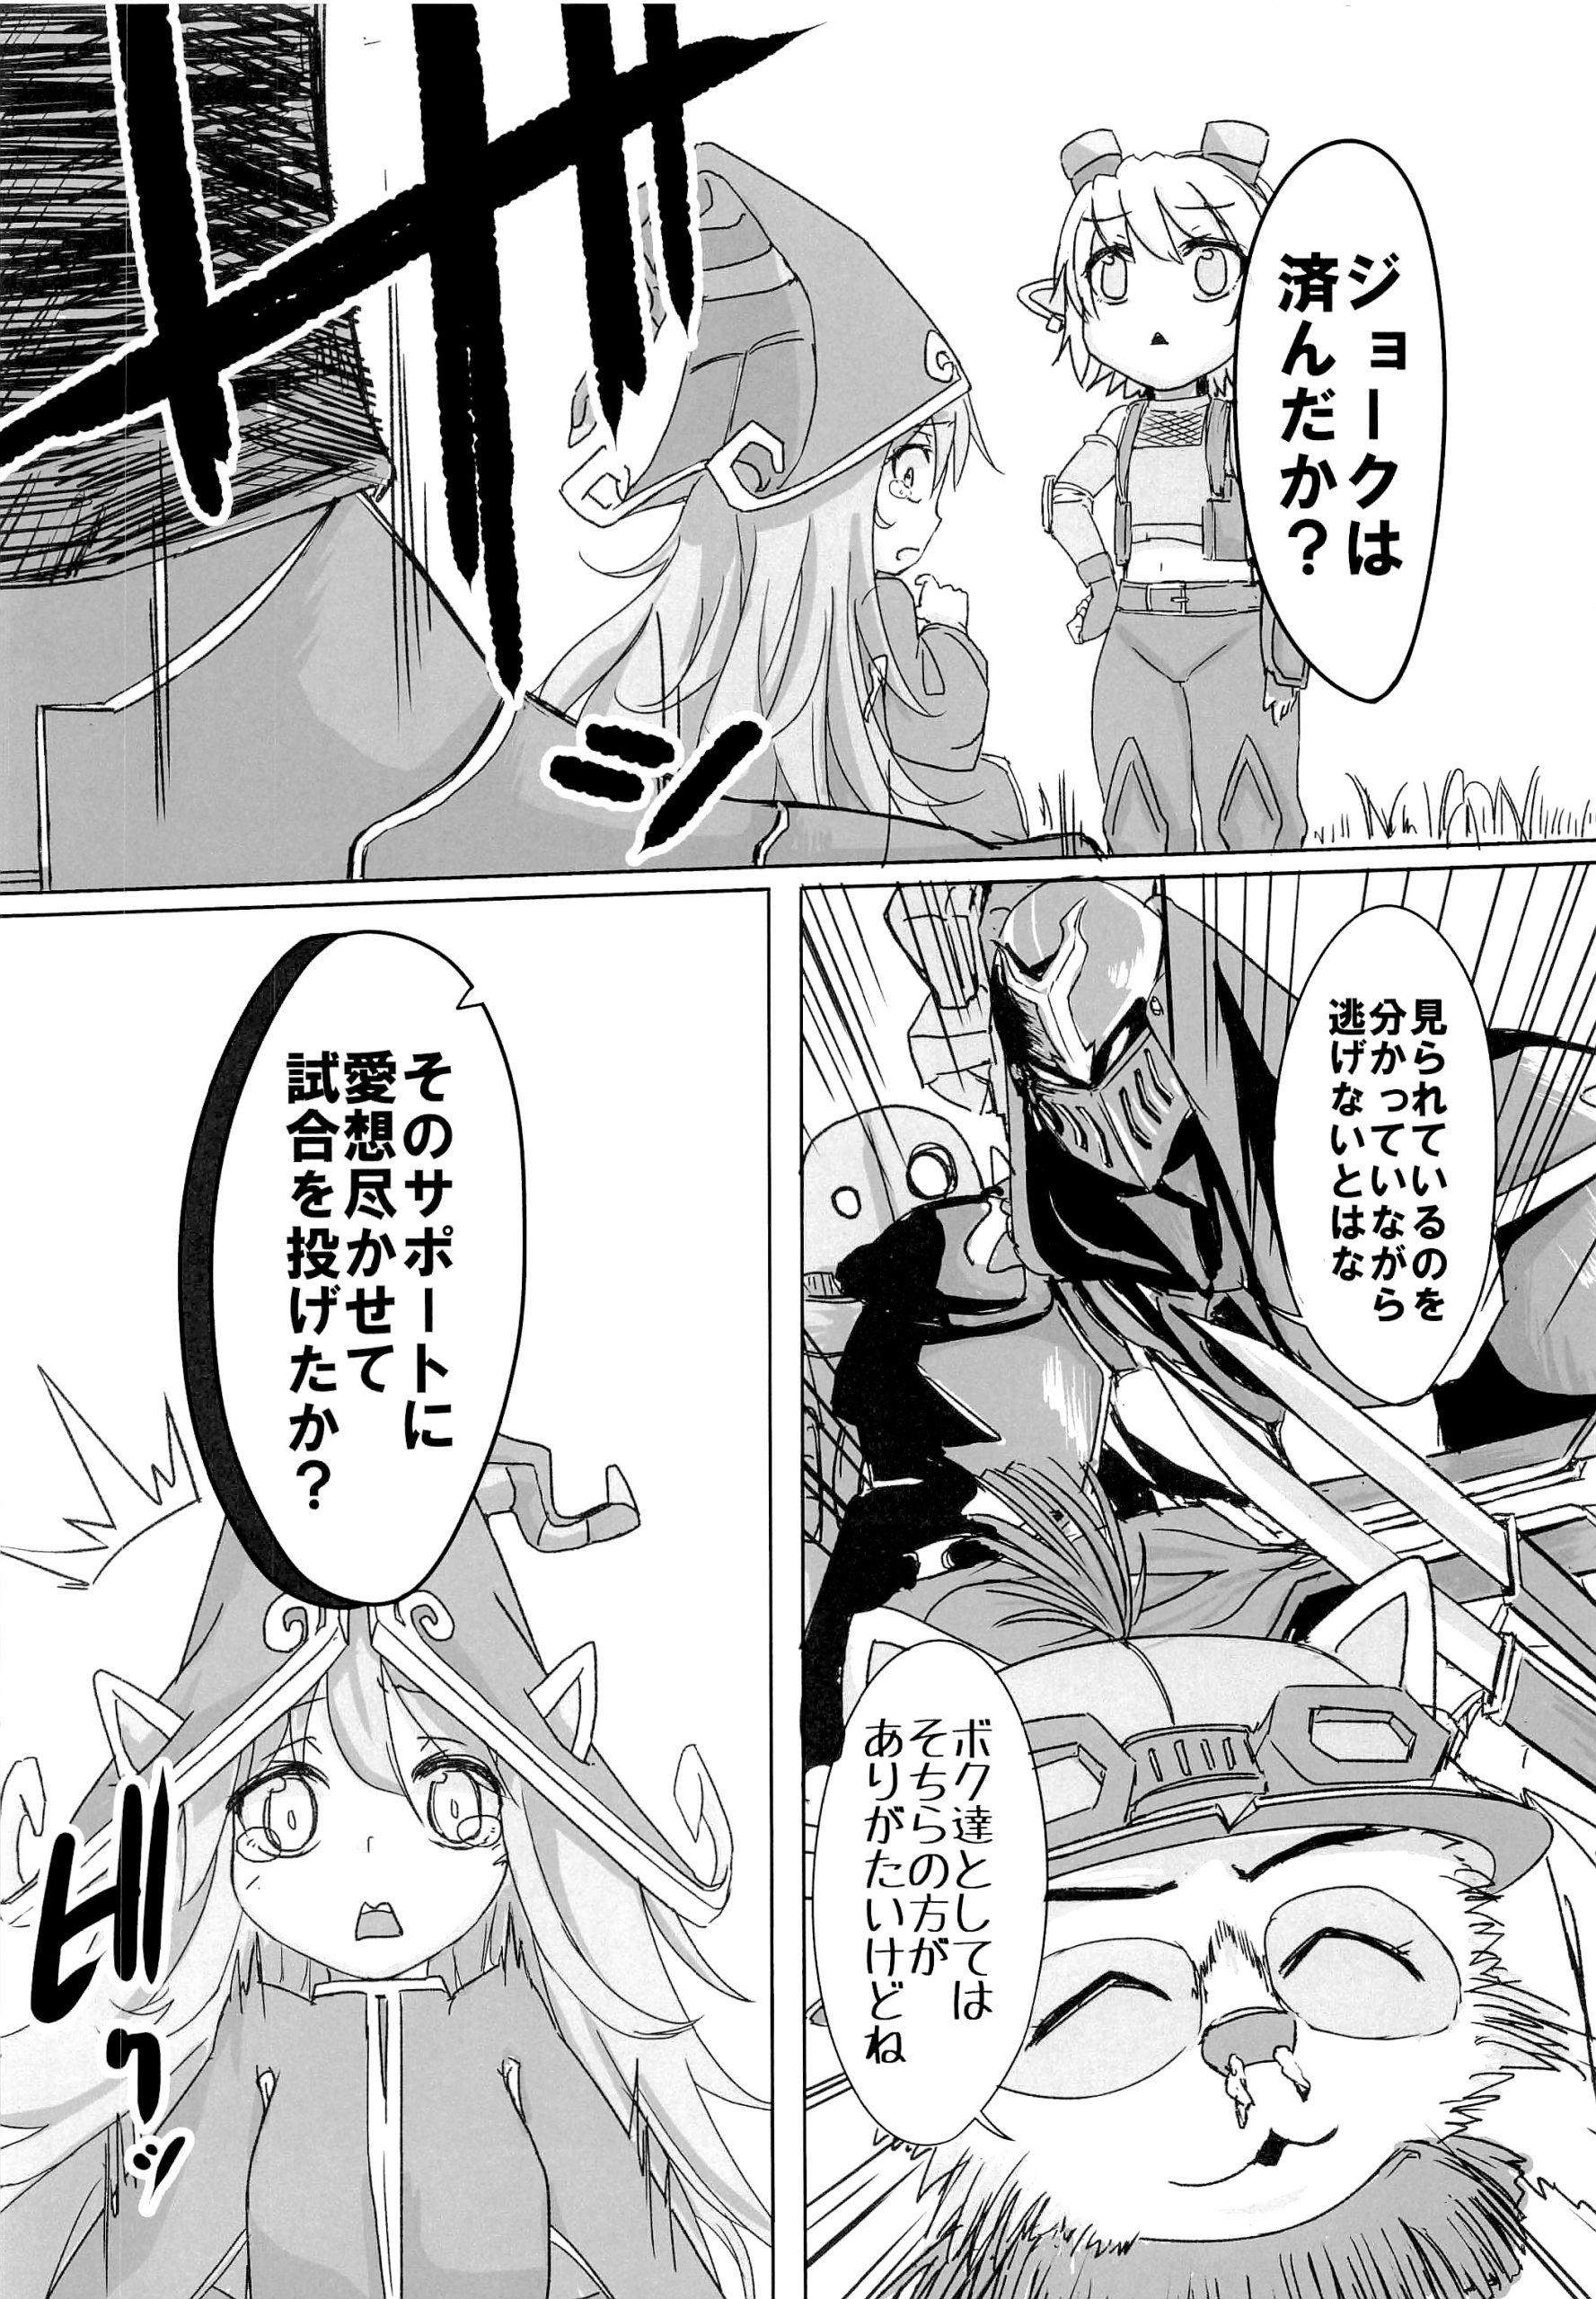 [JAP - DOUJIN] Hissui ~ I Have To Peeeeeeeeeeeeee! Hentai